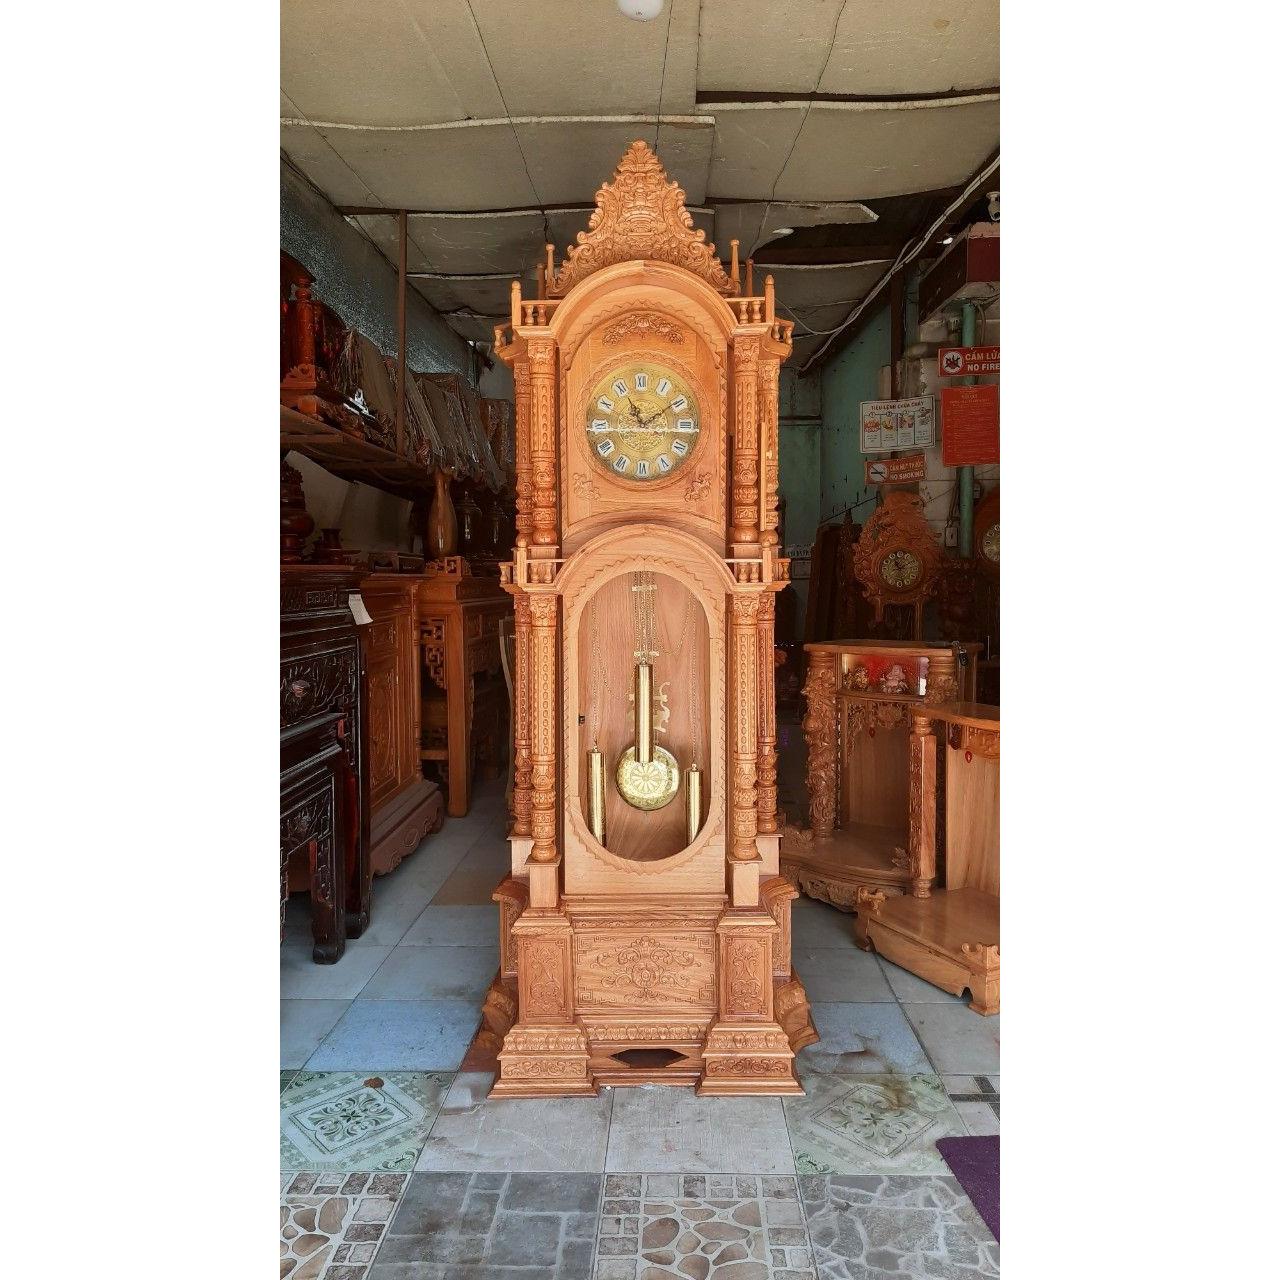 Đồng hồ cây mẫu tháp trụ, gỗ gõ đỏ 2m30